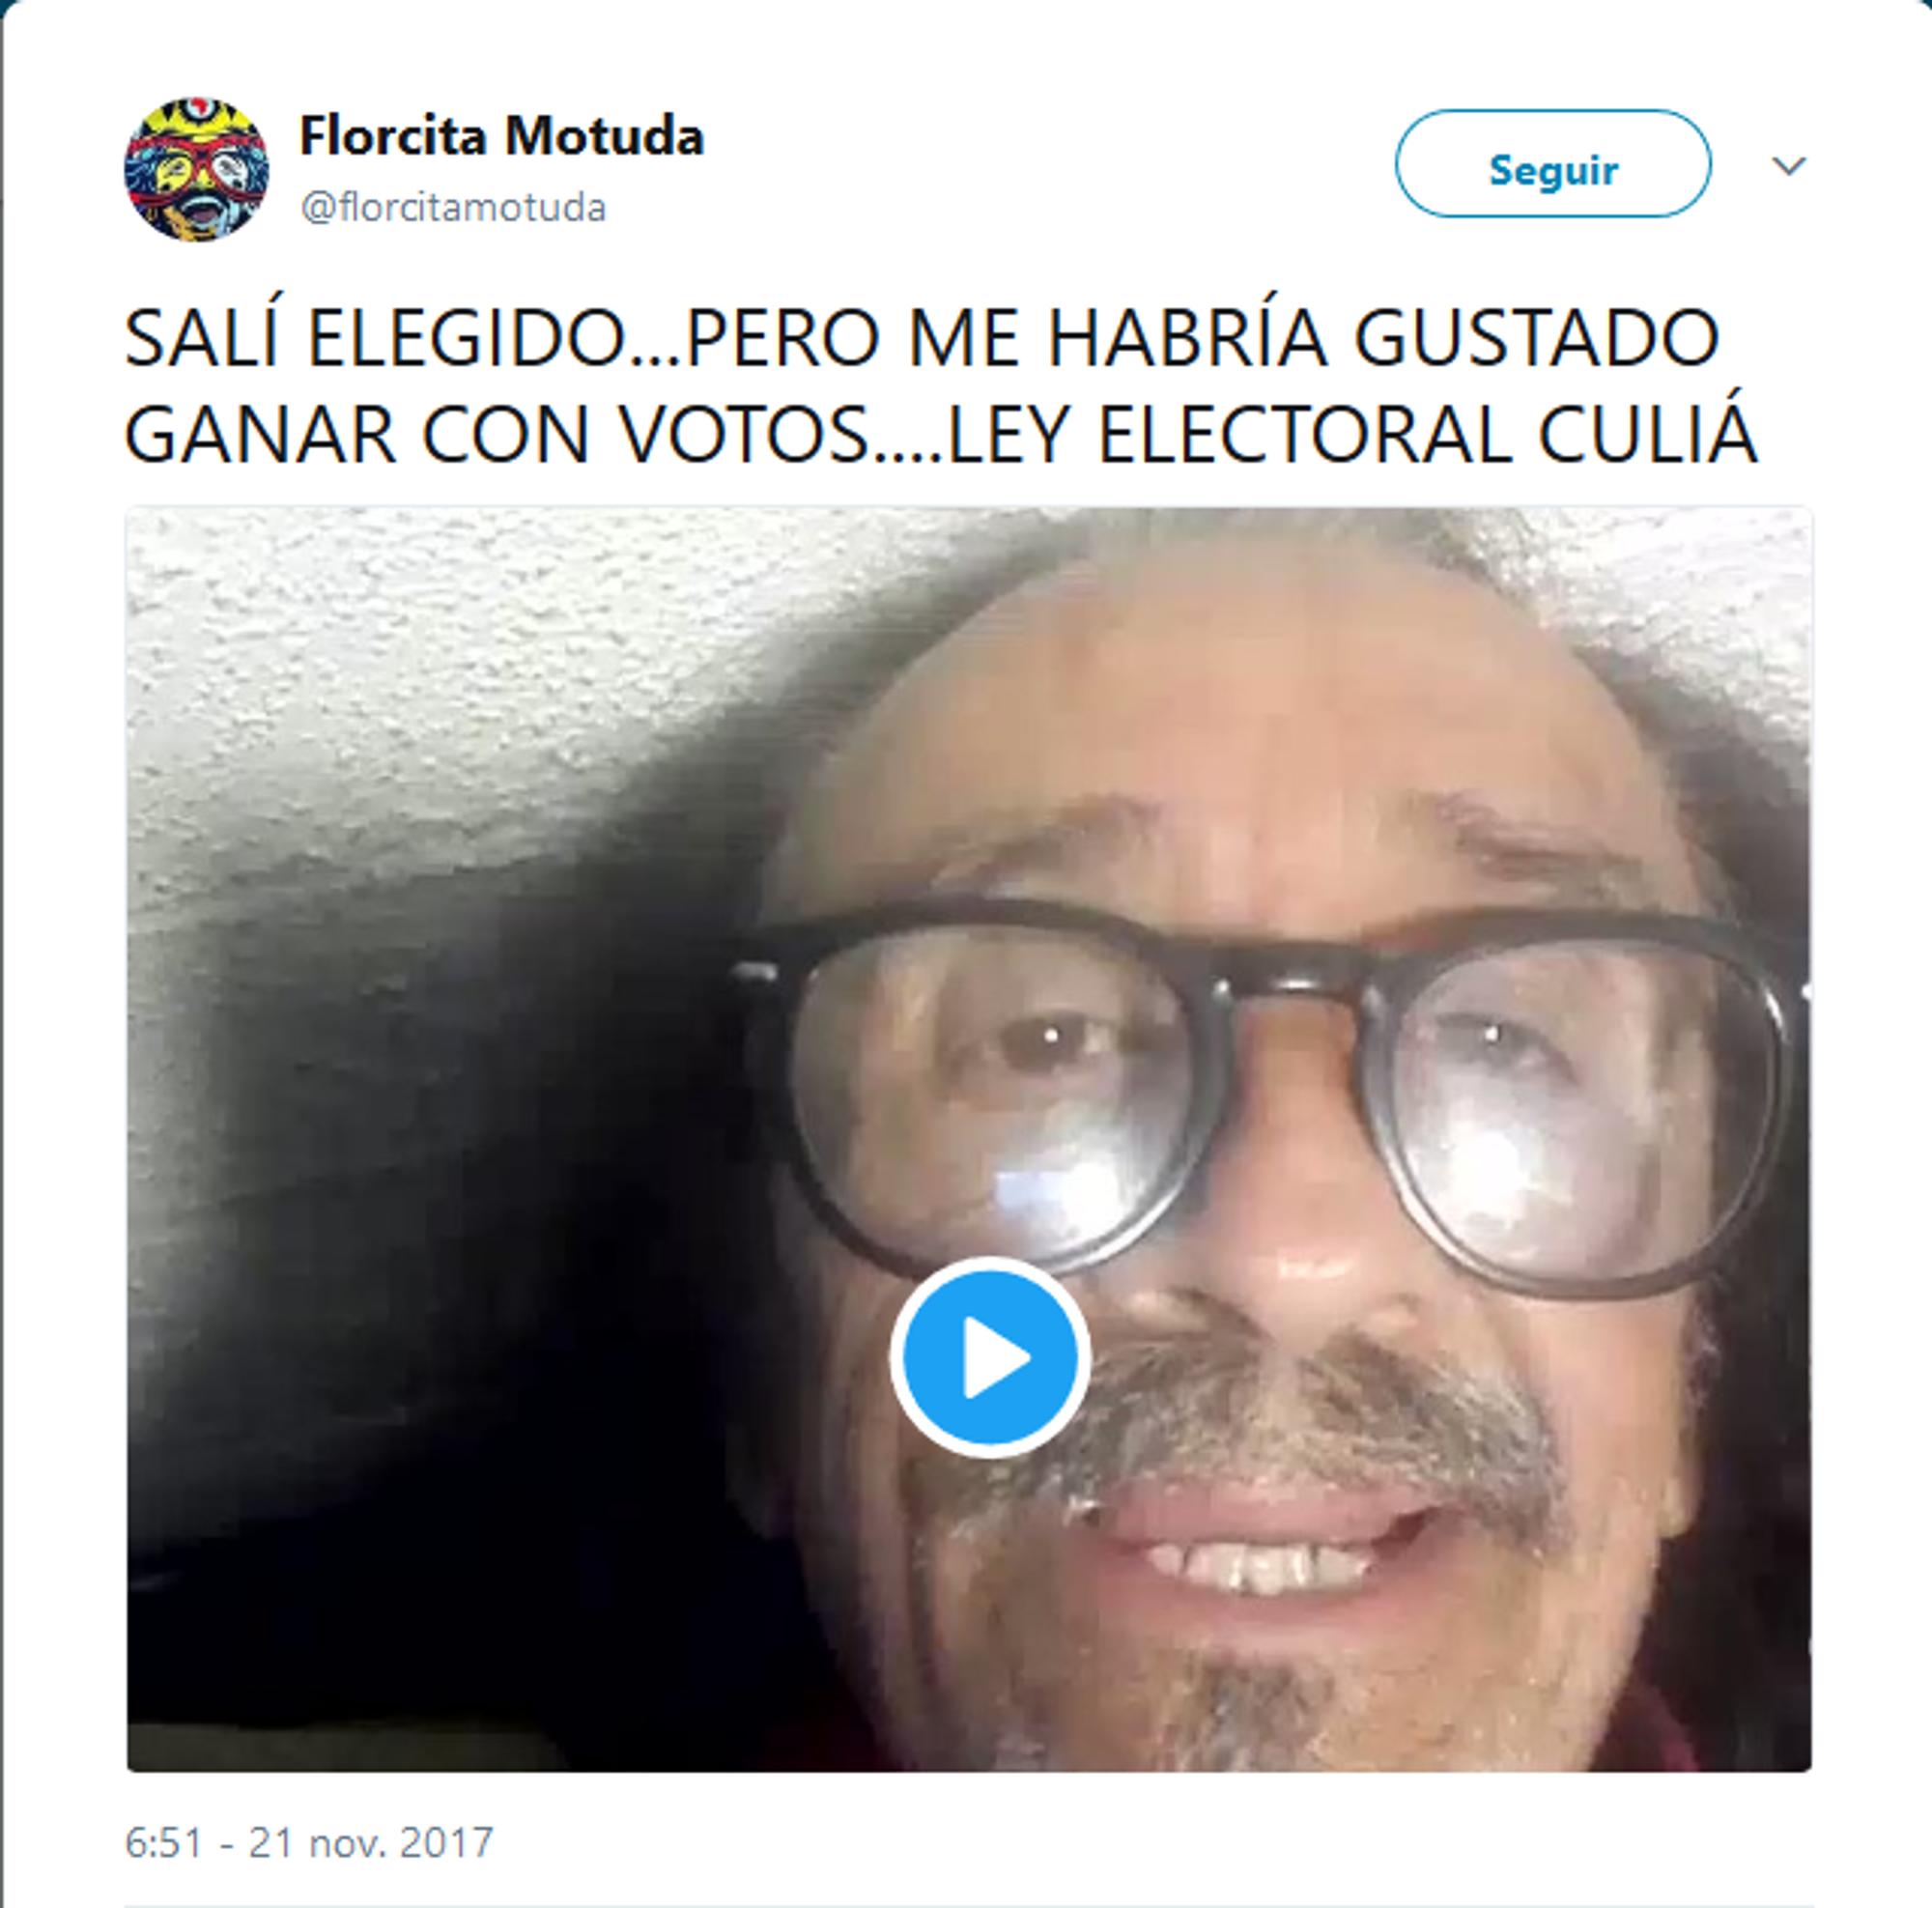 Screenshot-2017-12-12-Florcita-Motuda-en-Twitter-SAL-ELEGIDO-PERO-ME-HABRA-GUSTADO-GANAR-CON-VOTOS-LEY-ELECTORAL-CULI-ht....png